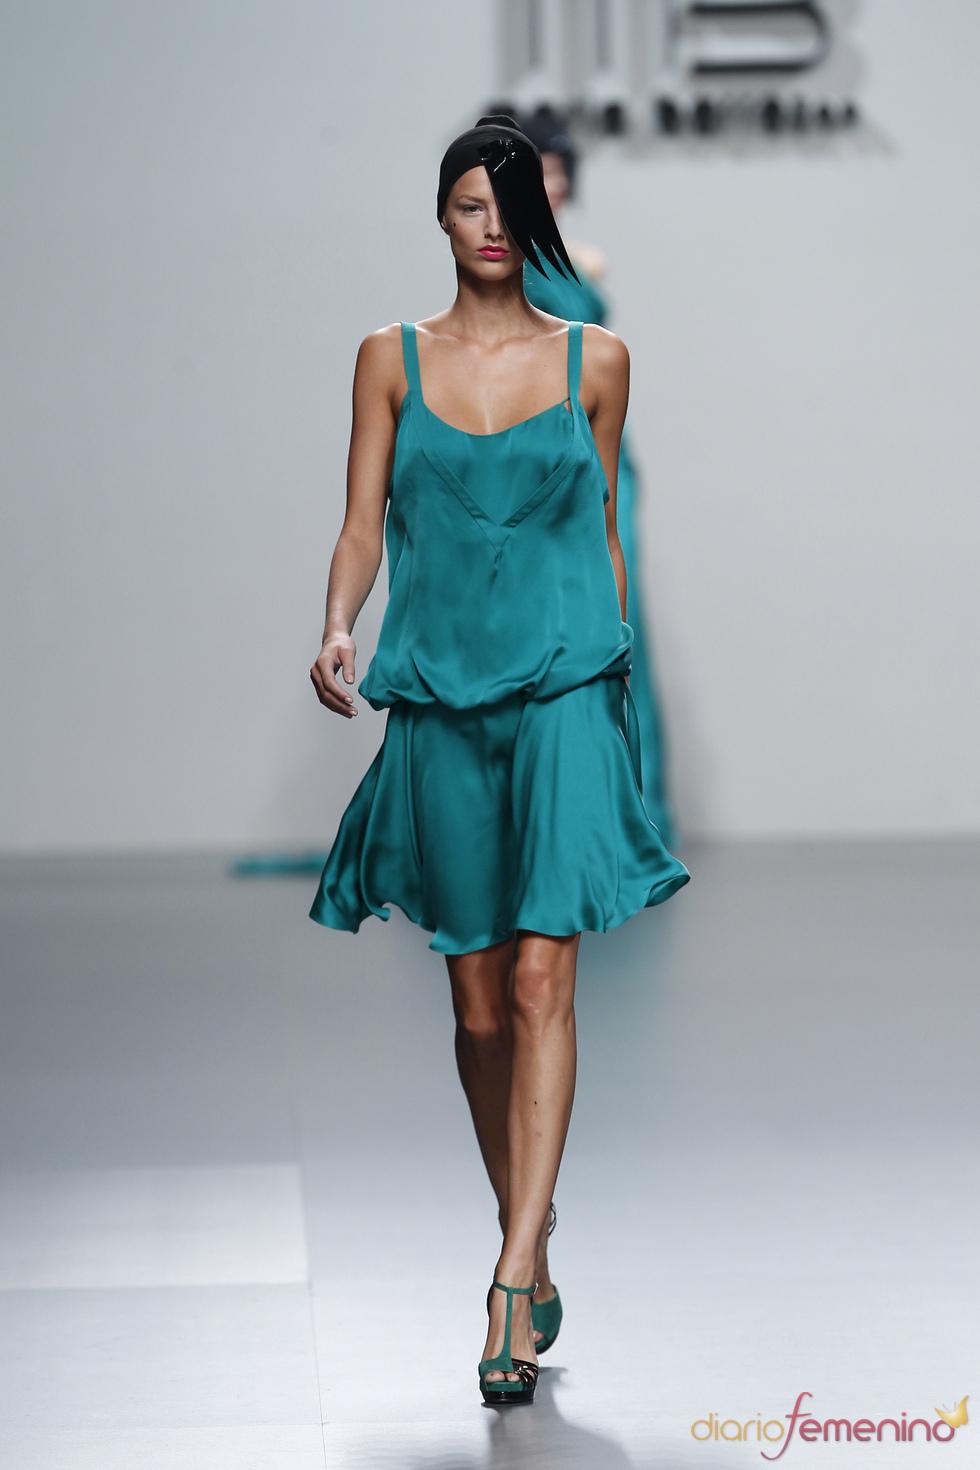 Ligero satén verde para la mujer urbanita ideada por María Barros